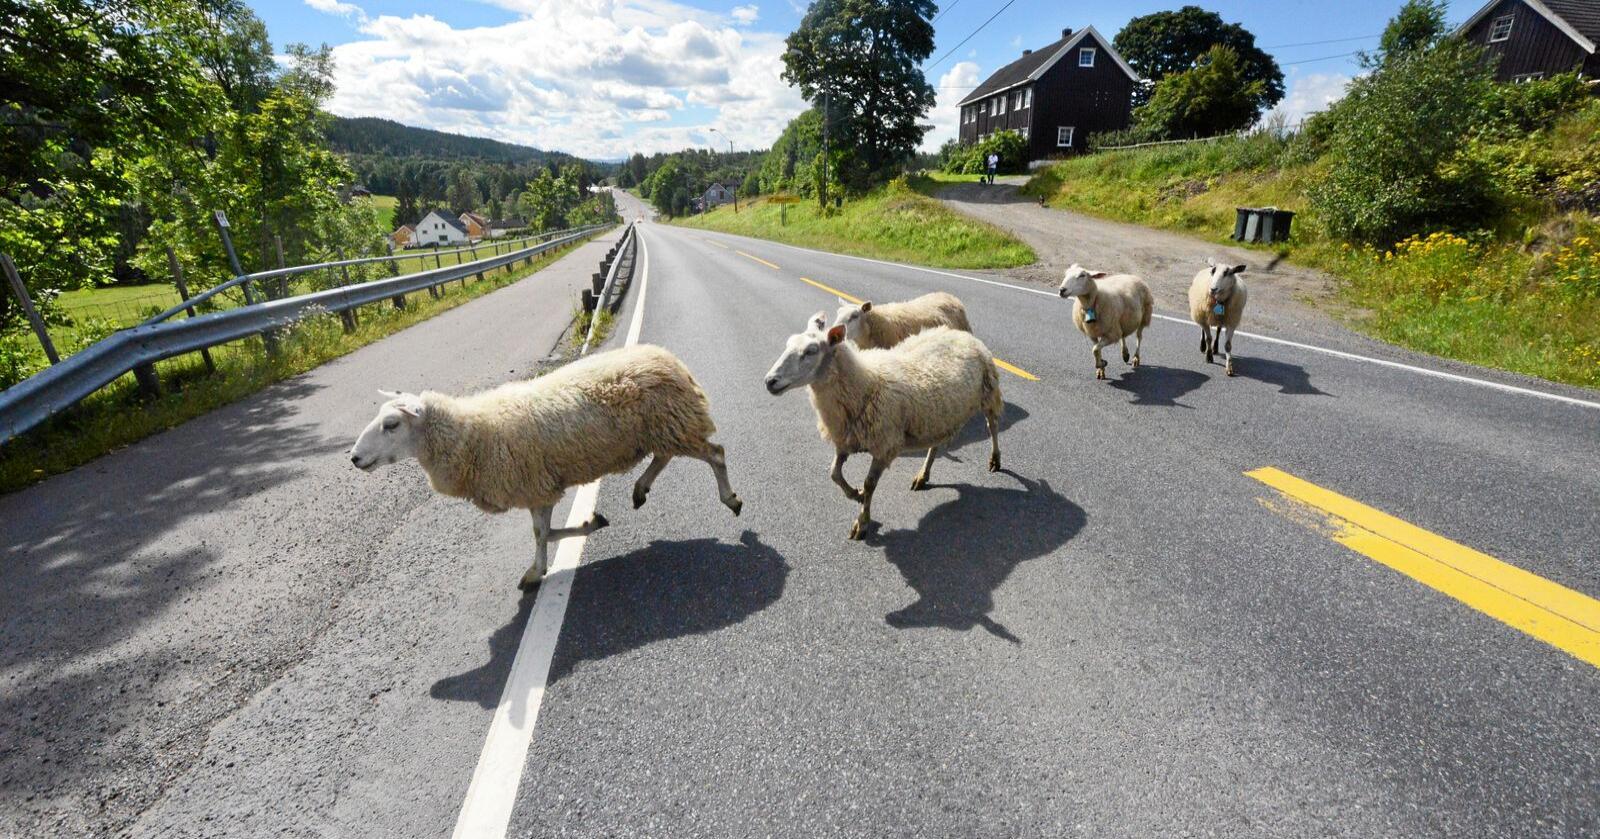 Mange har husdyr på beite i disse dager, ofte kan sauen være i nærheten av trafikerte veier. Foto: Siri Juell Rasmussen